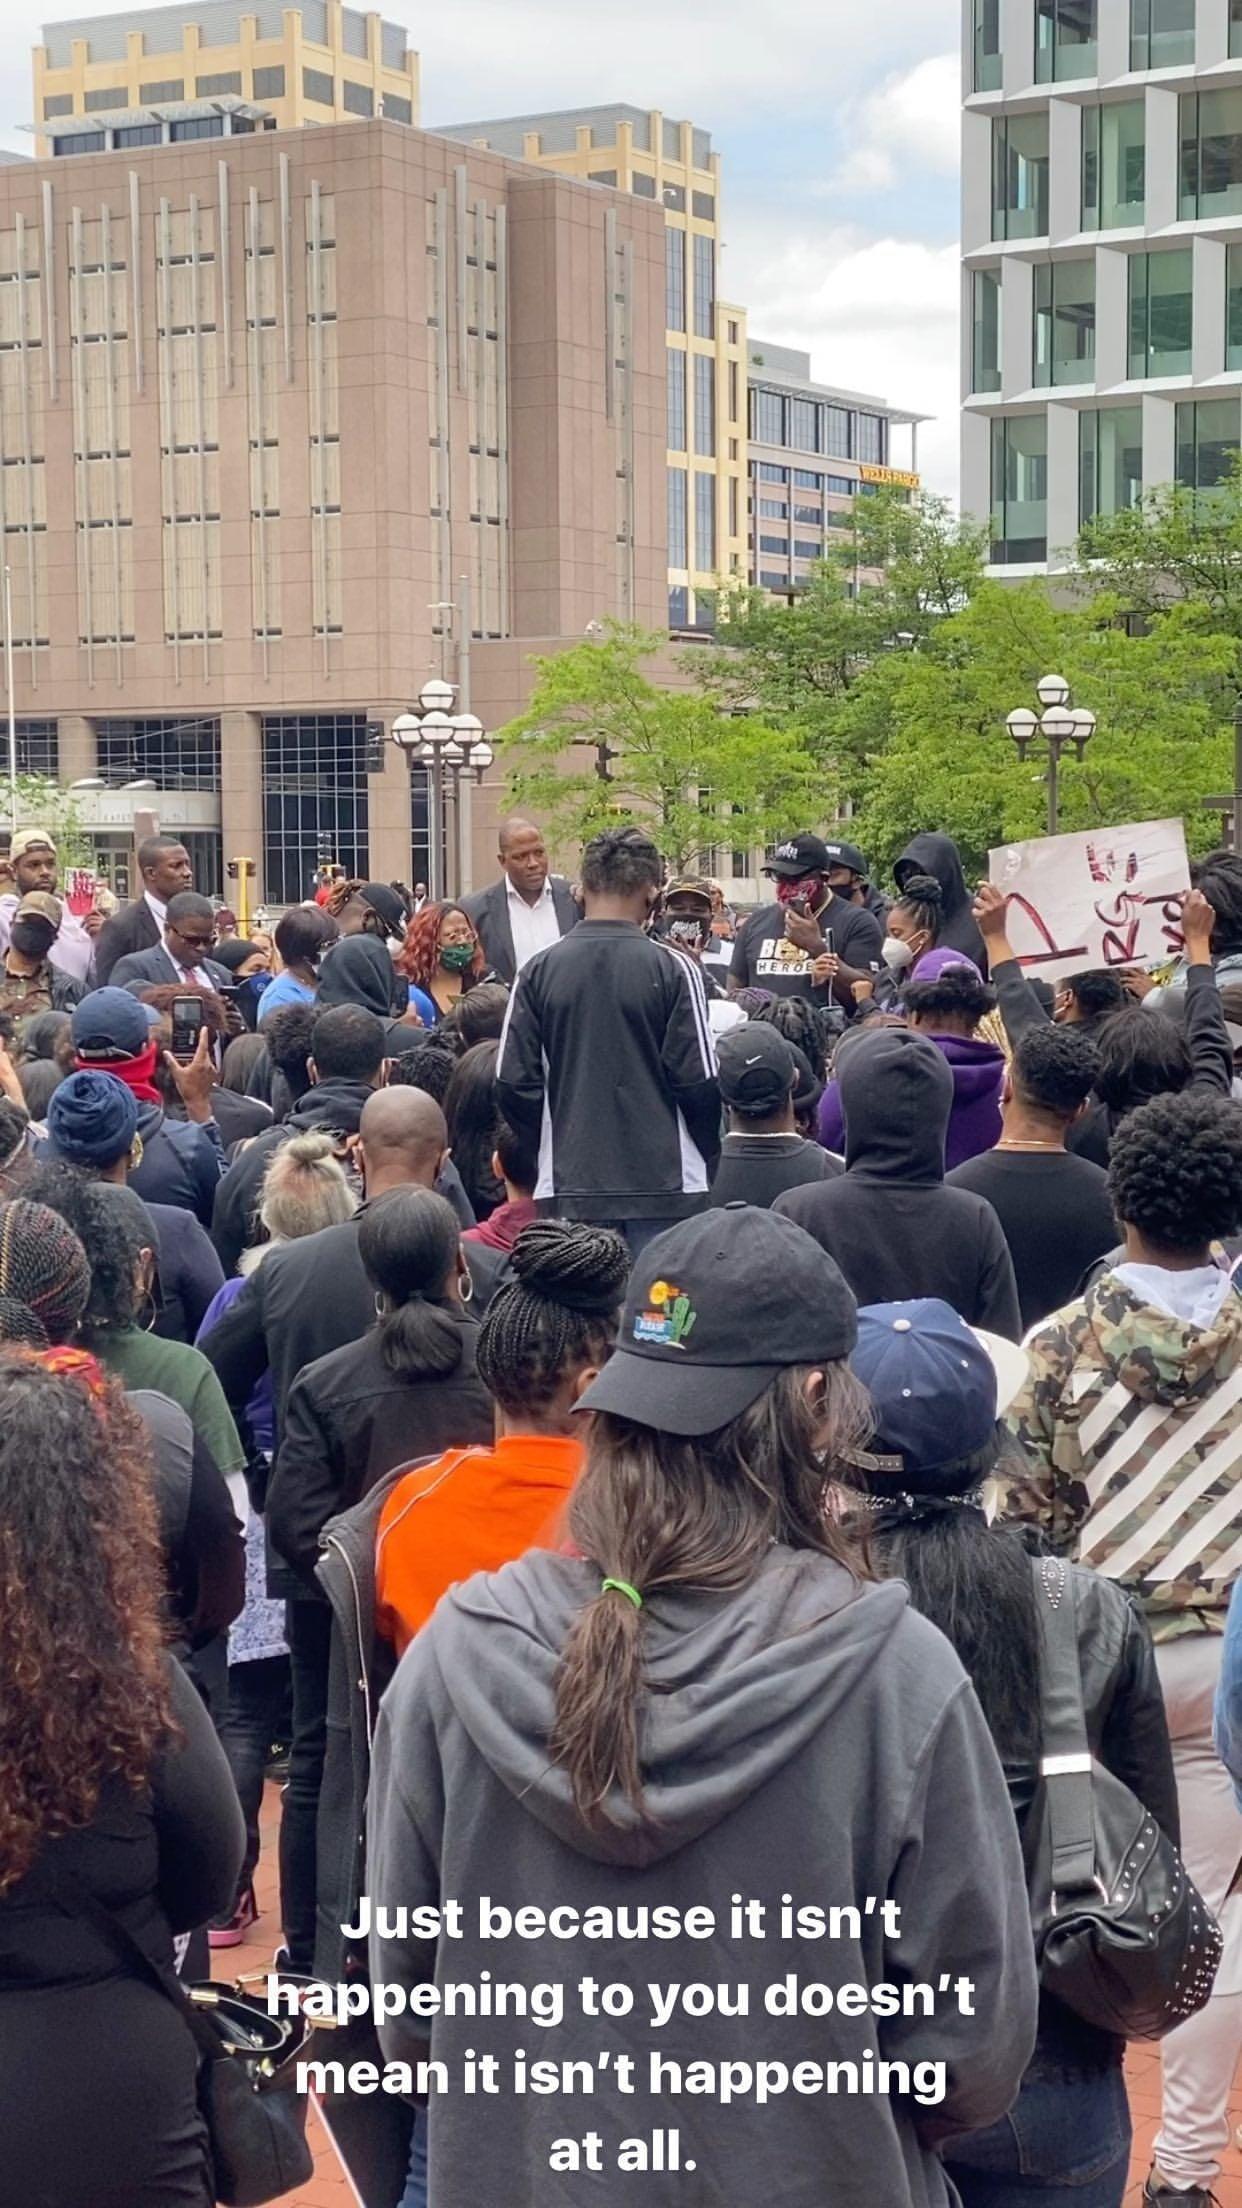 Спортсмены возмущены смертью афроамериканца Джорджа Флойда